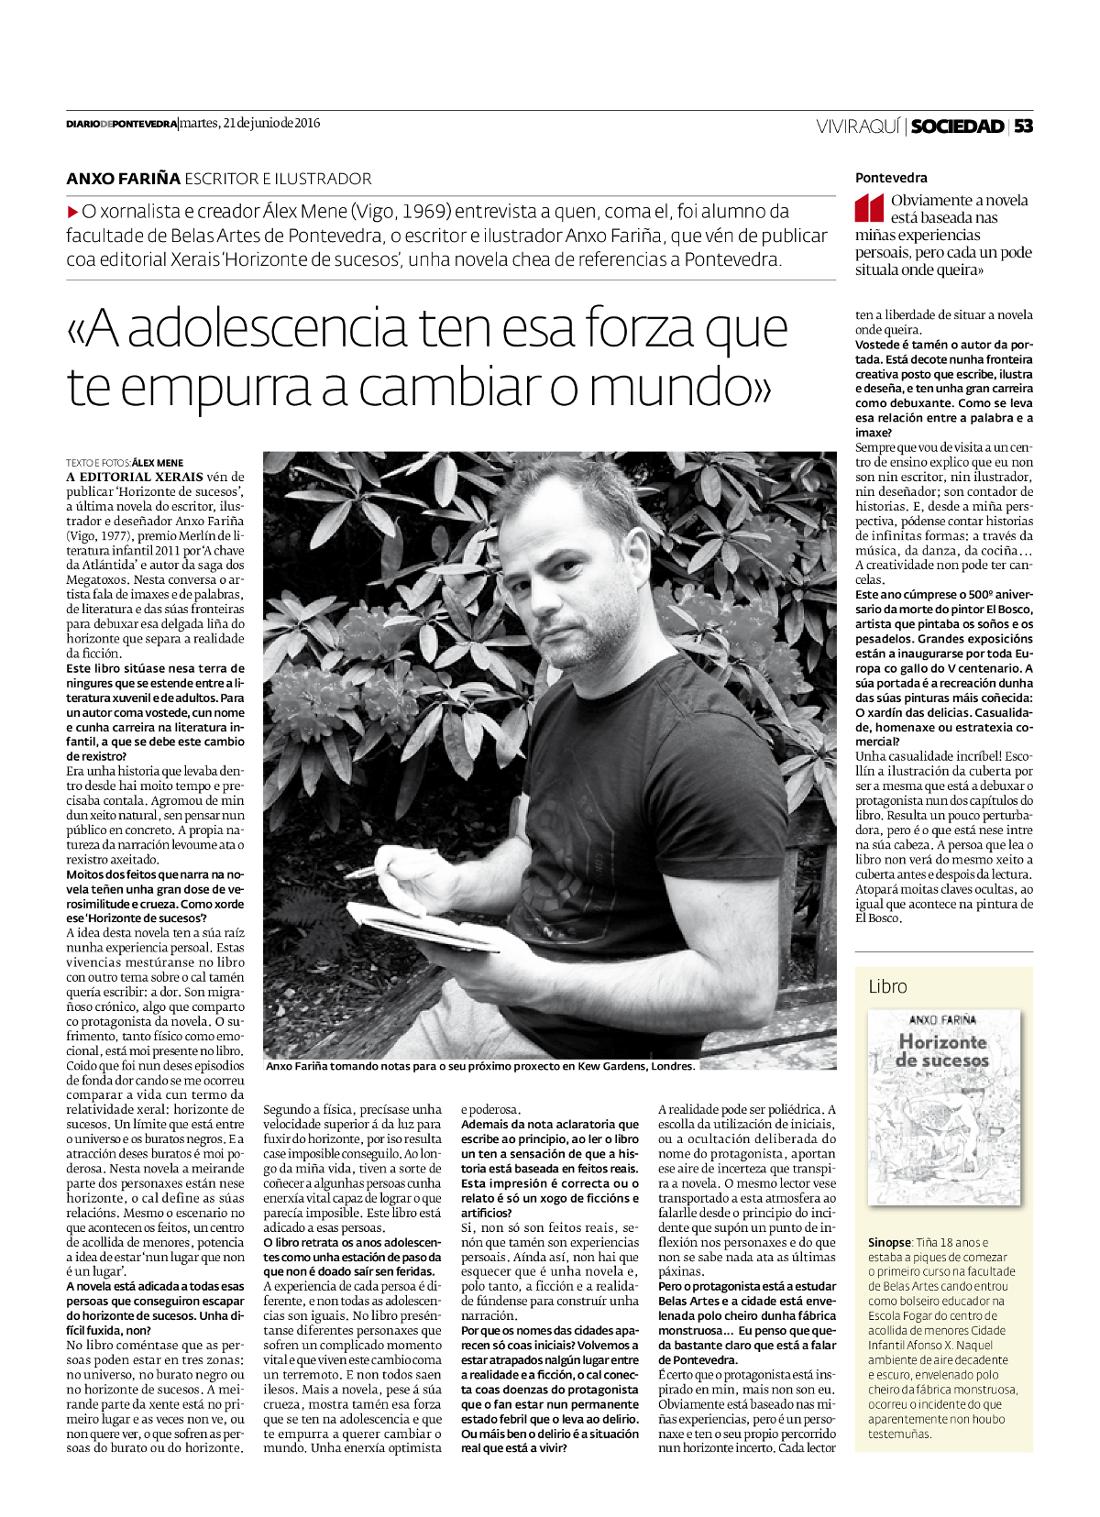 Anxo Fariña Diario de Pontevedra 2016